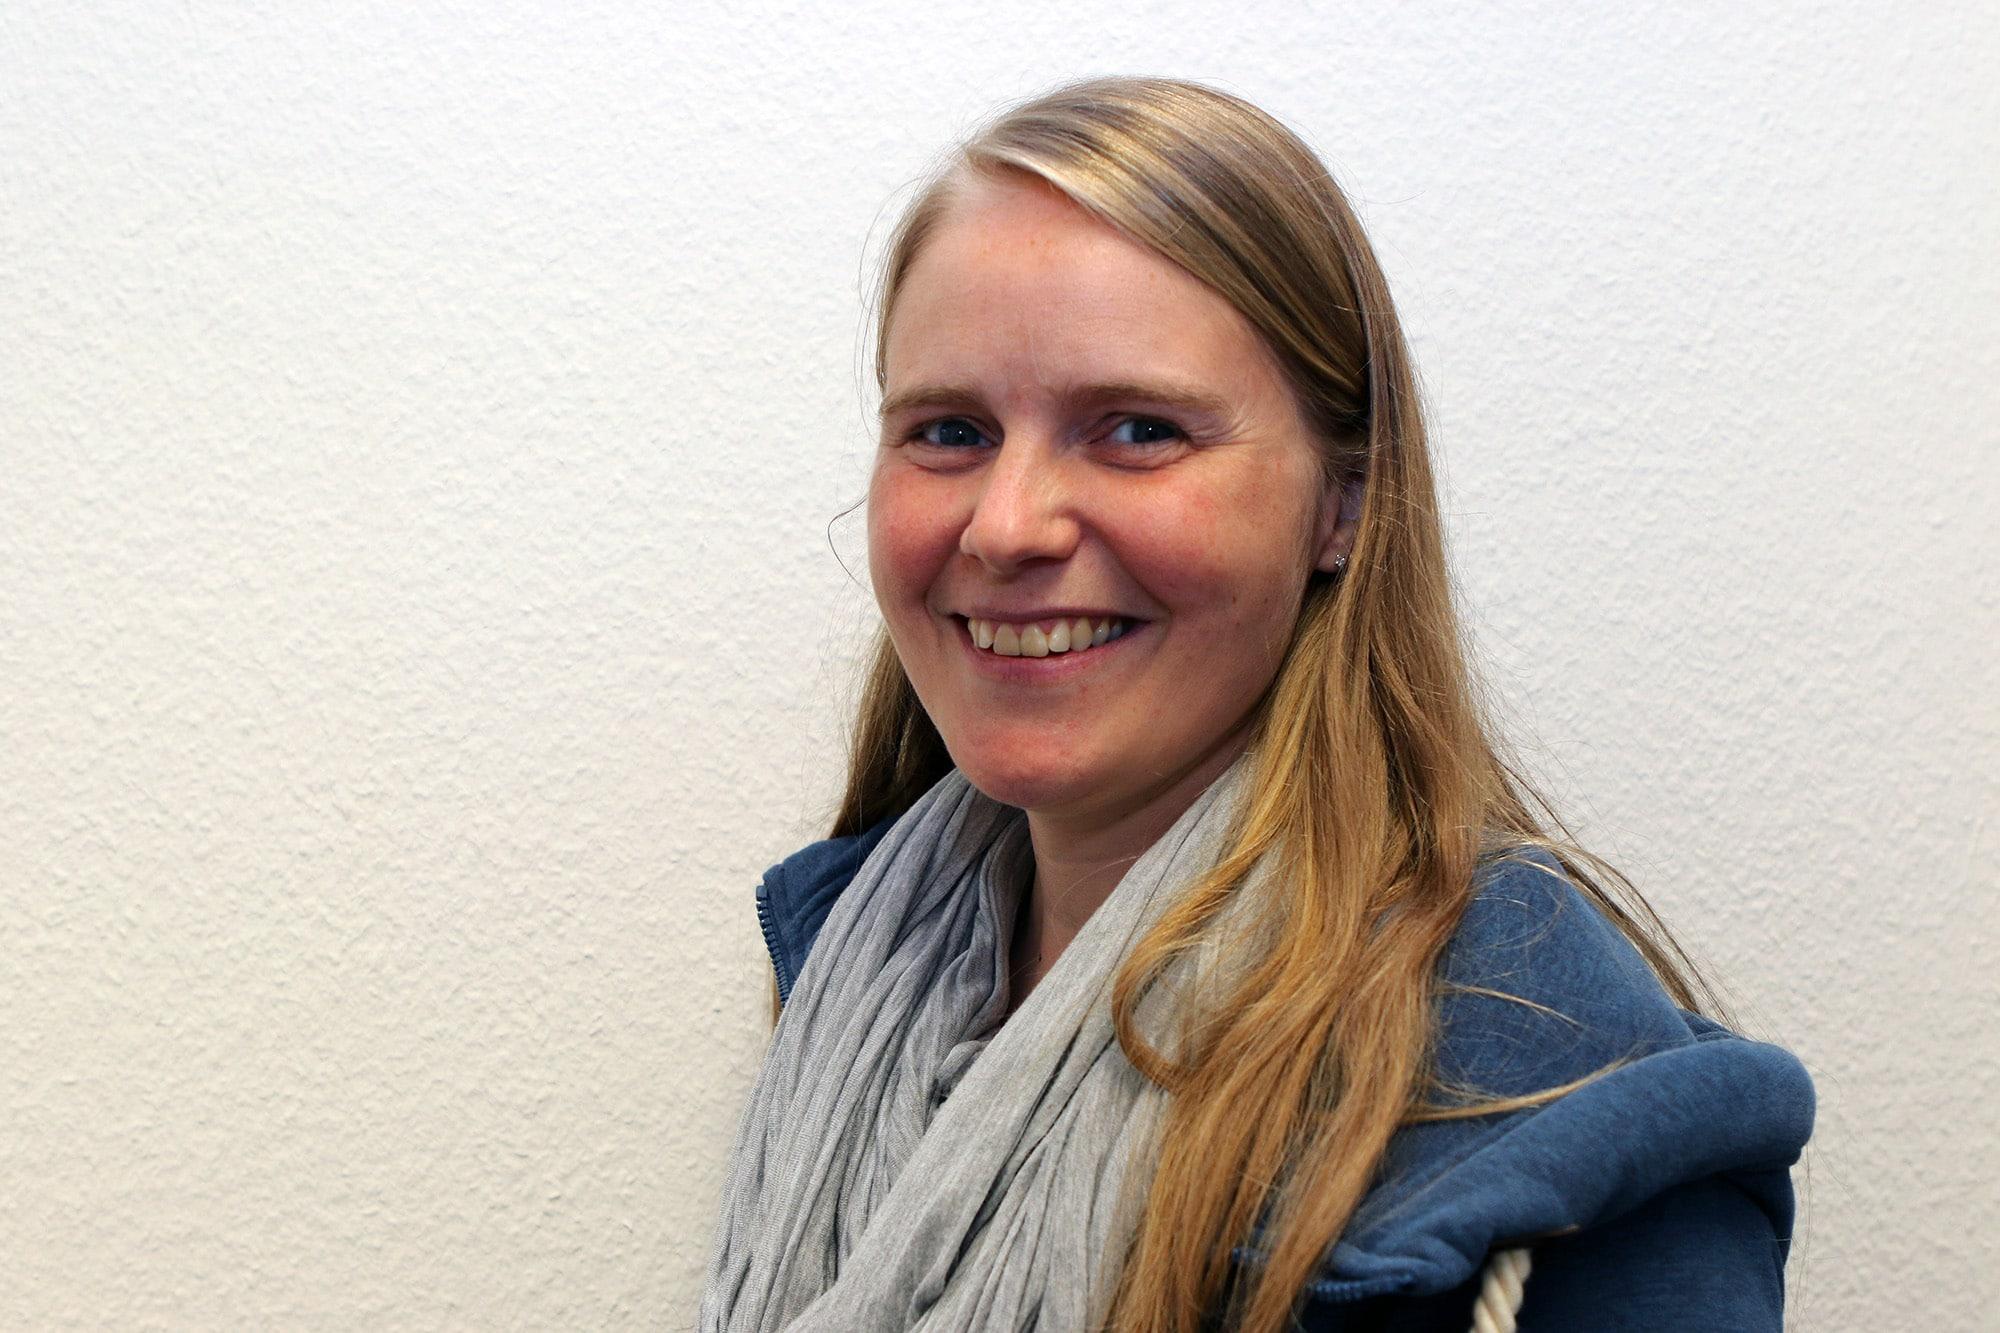 Internetseelsorge, Bistum Osnabrück, Eva Schumacher